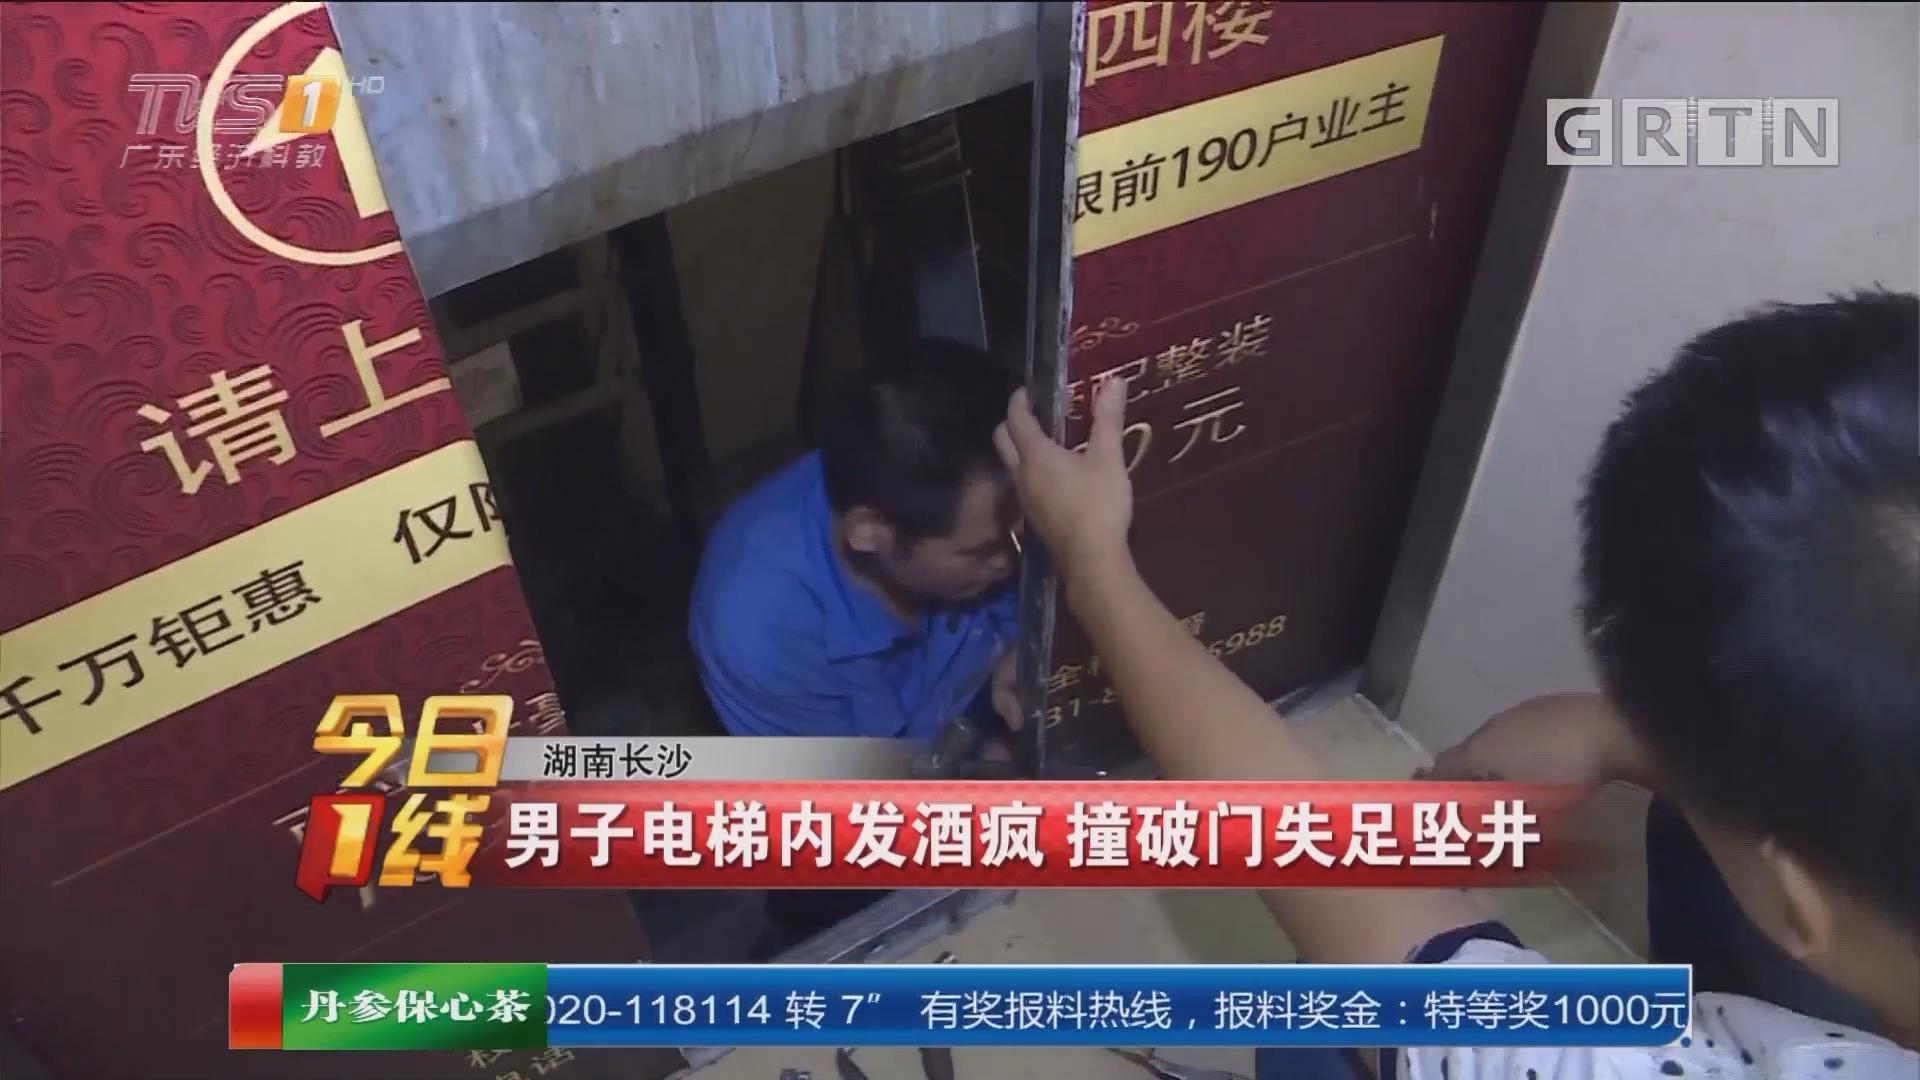 湖南长沙:男子电梯内发酒疯 撞破门失足坠井